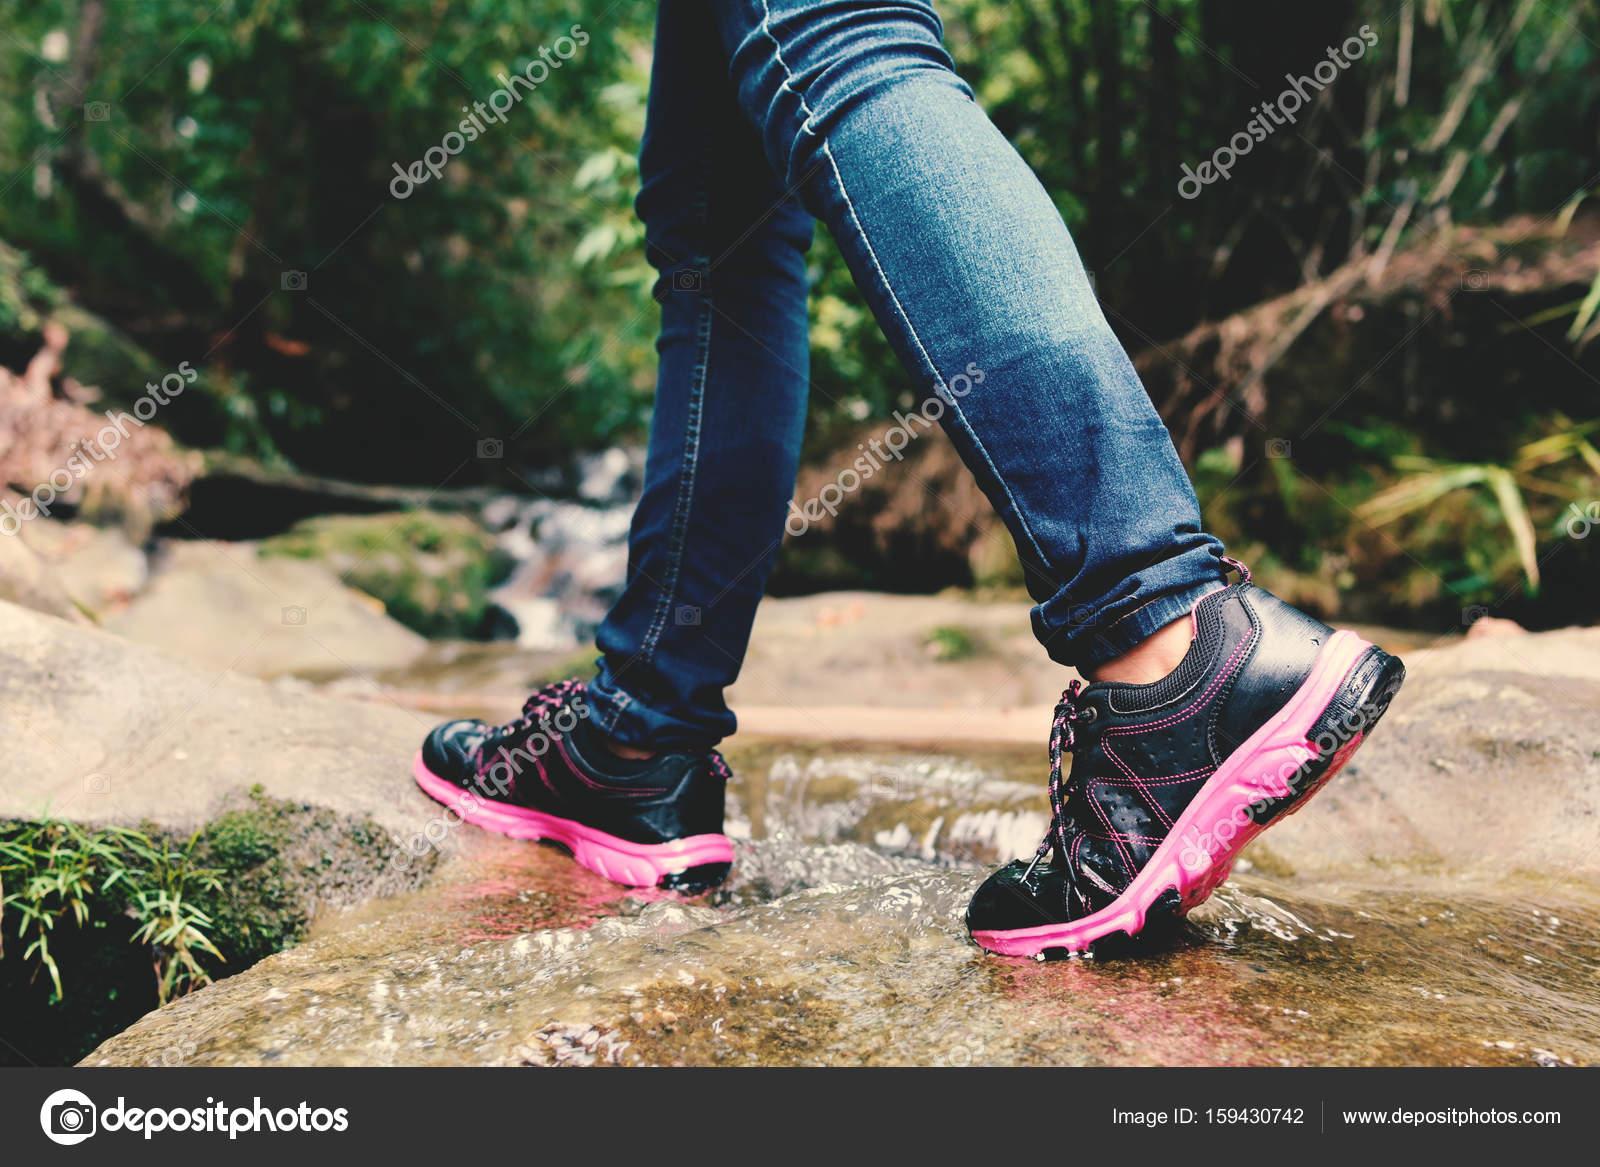 La Naturaleza Mujeres Sqsn7vr De — Las Y En Foto Stock Pies Zapatos eWY9bDH2IE